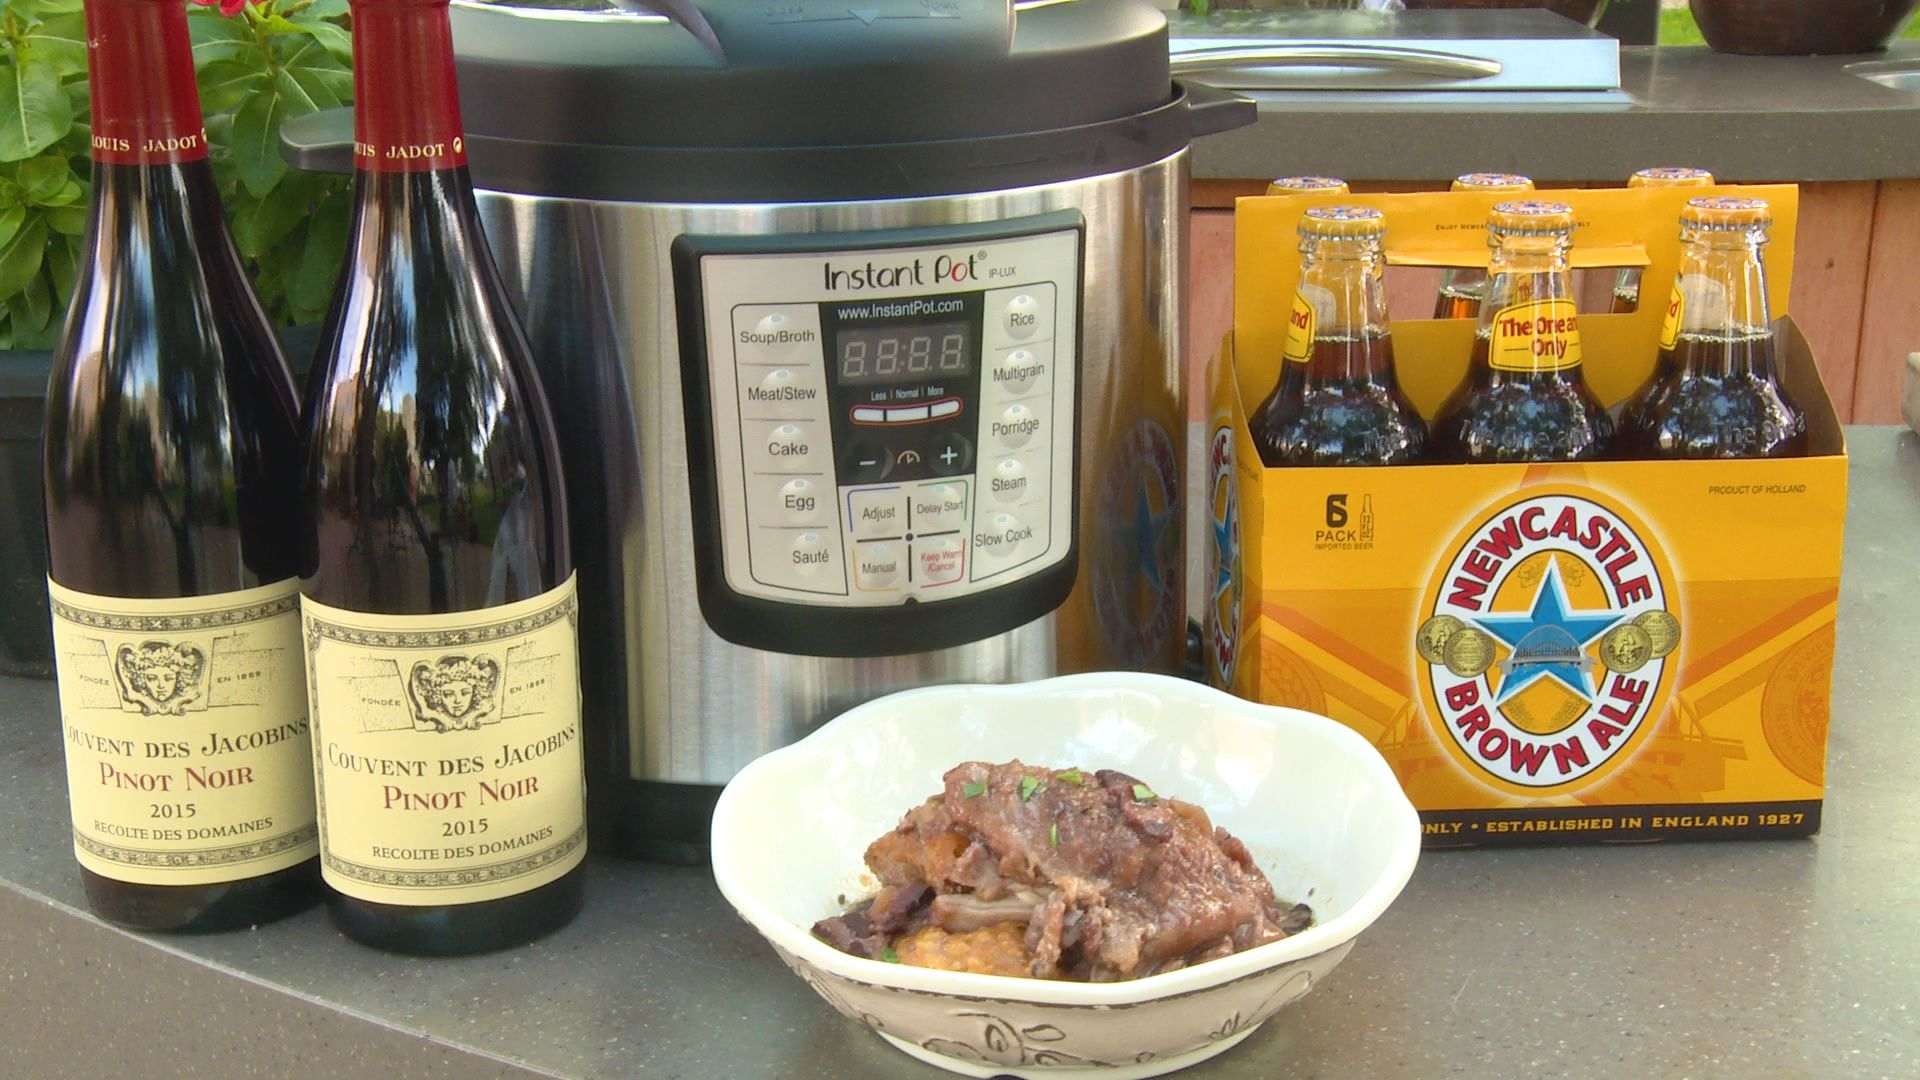 H E B Backyard Kitchen Coq Au Vin Backyard Kitchen Coq Au Vin Kitchen